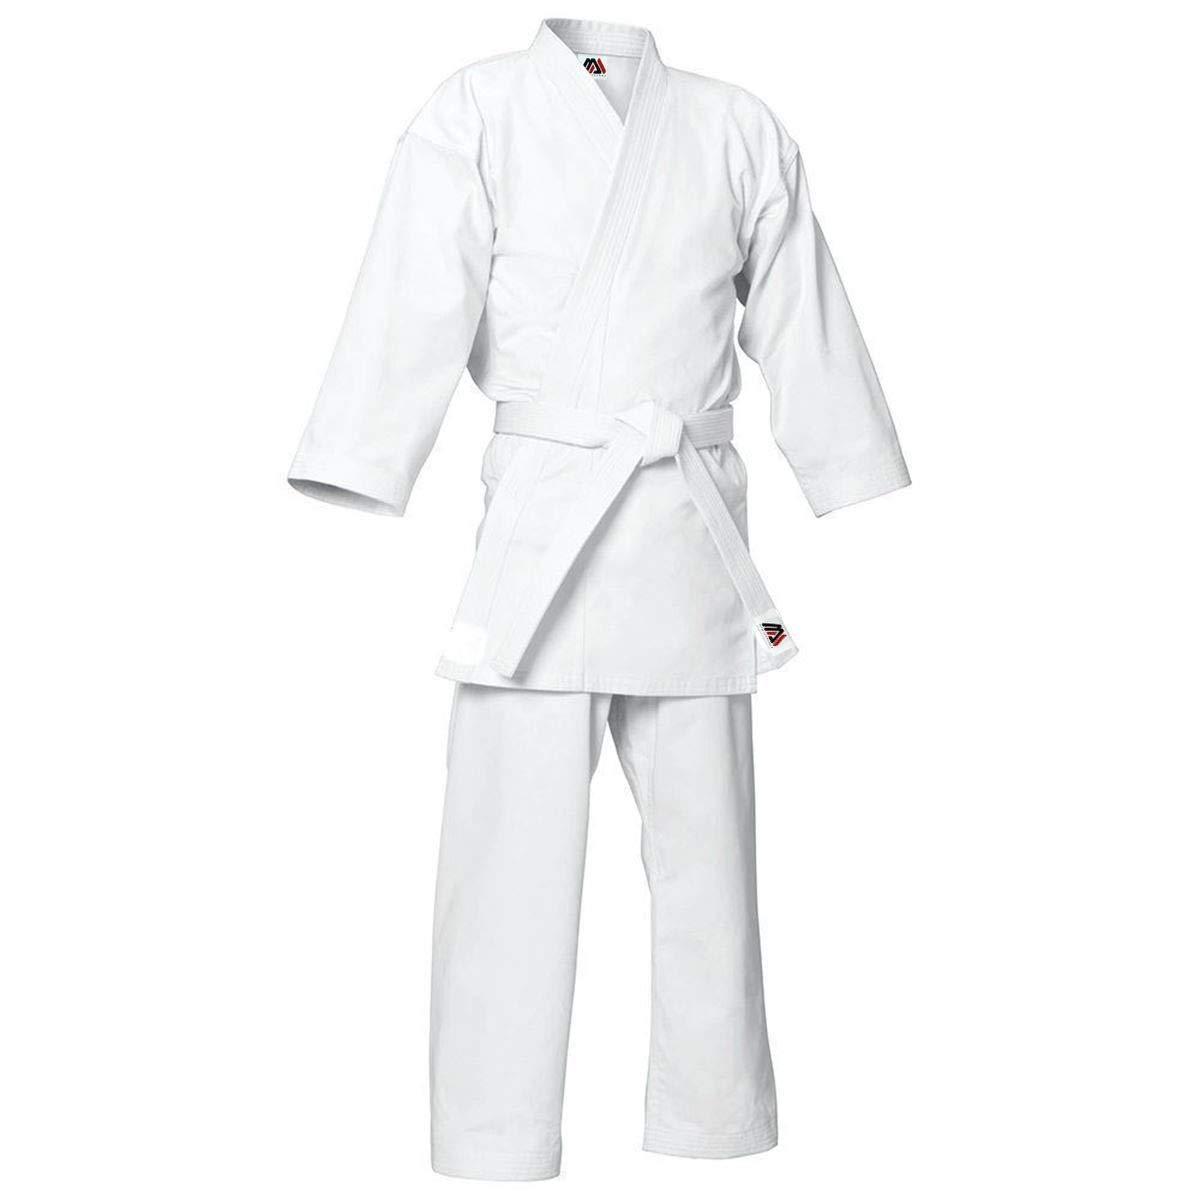 MYmixtrendz. Traje de Karate Blanco para Adultos y niños con ...